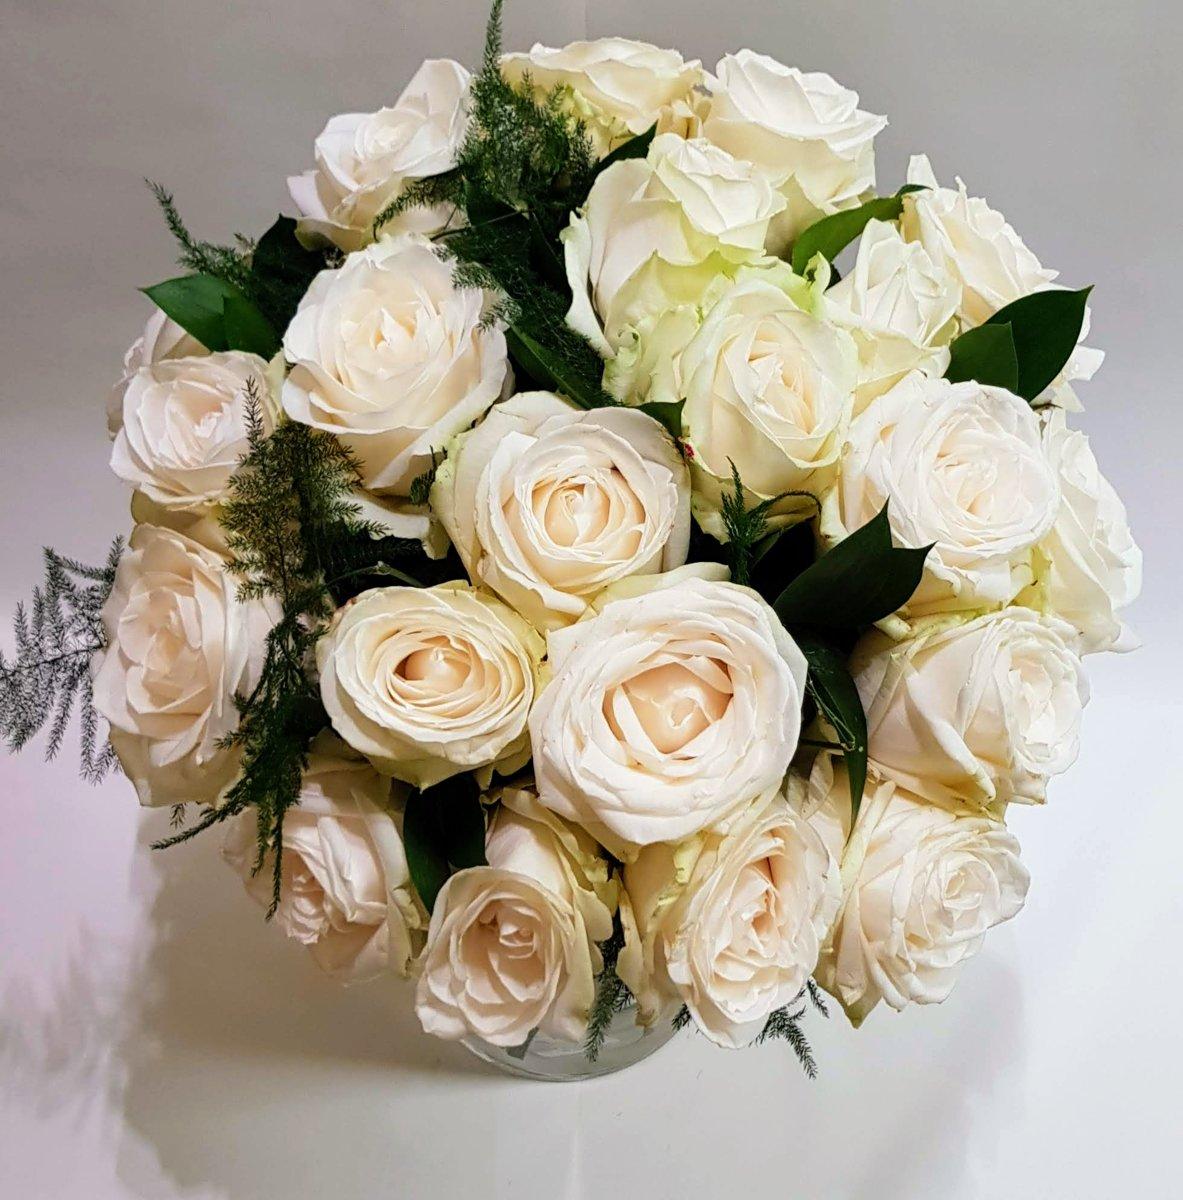 boeket 21 verse witte  rozen - dikke knoppen - enkele takjes groen kopen